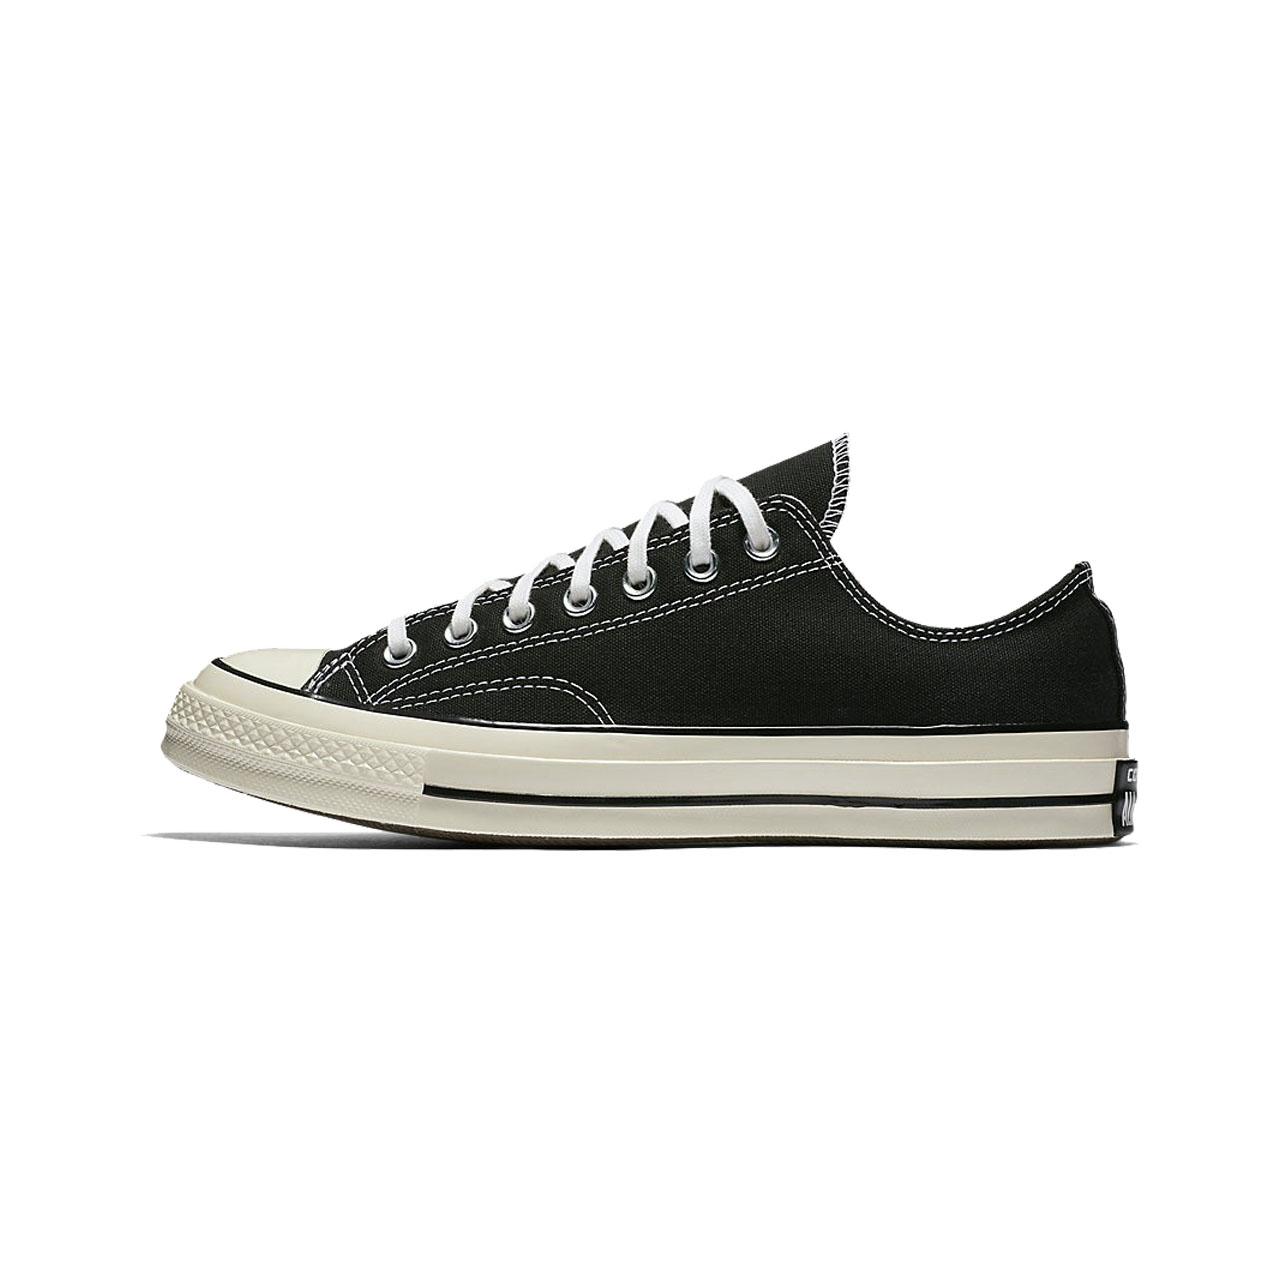 قیمت کفش مخصوص پیاده روی مردانه کانورس مدل 144757c-001